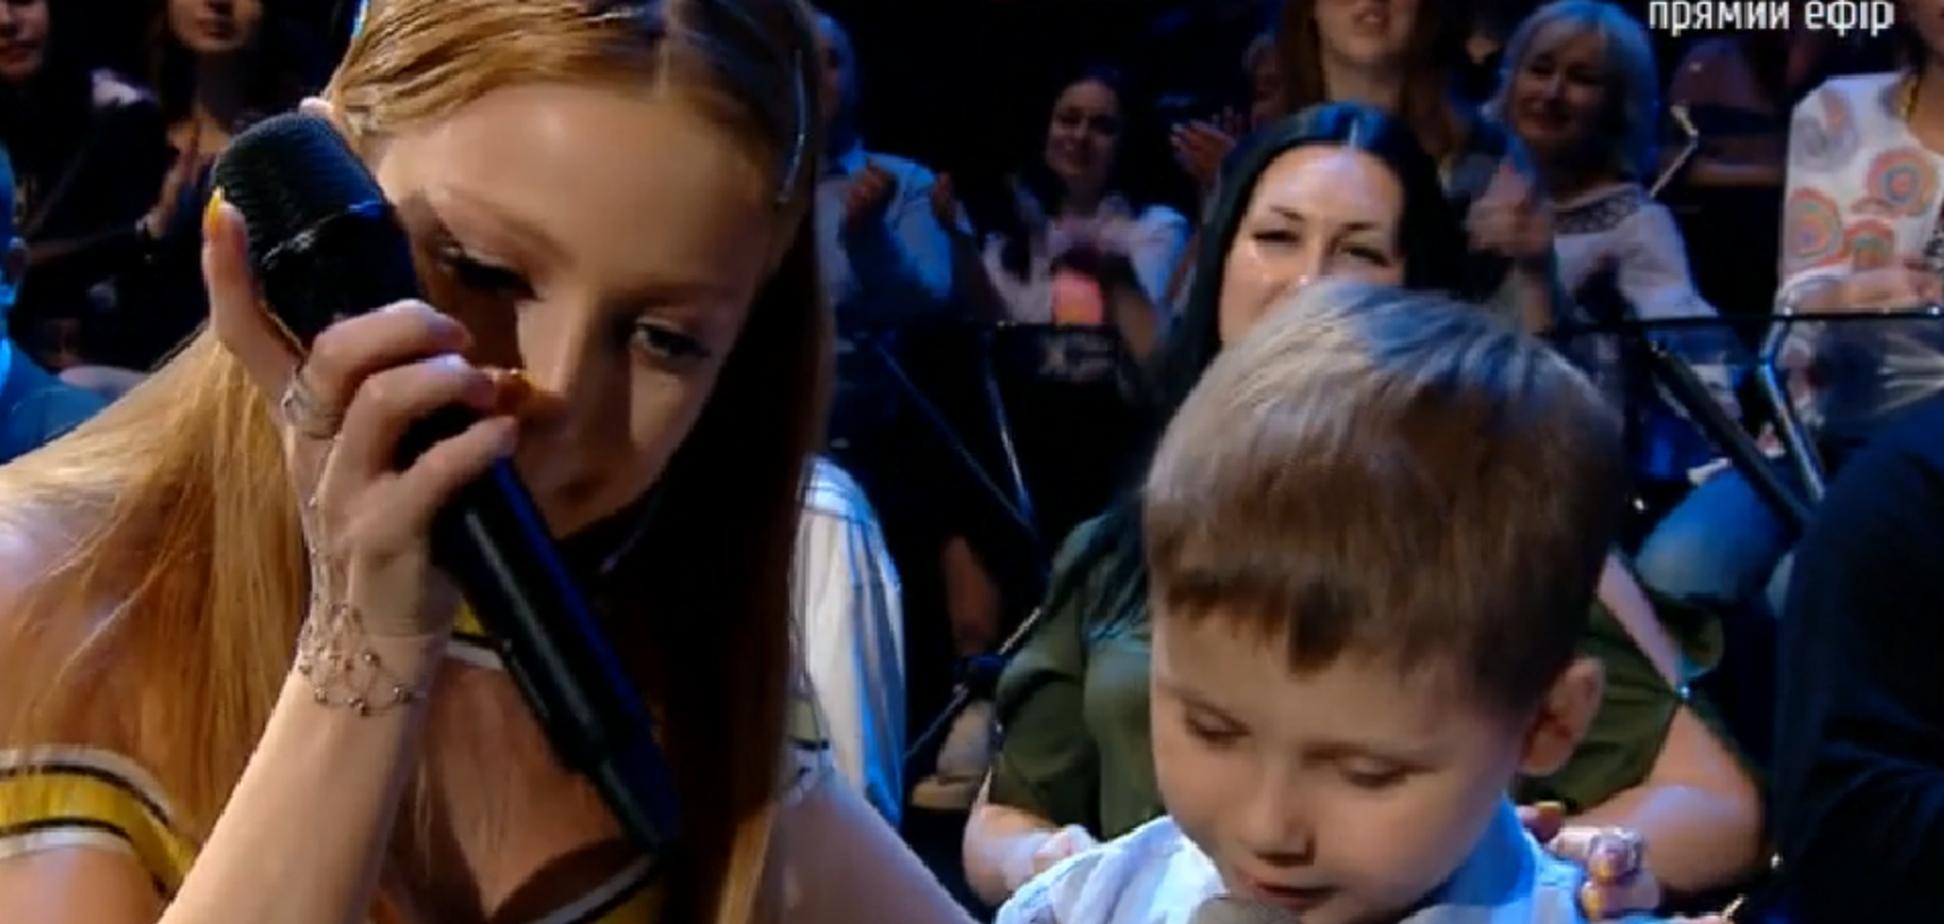 'Ти справжній боєць!' Історія хлопчика з раком, який заспівав на 'Голосі країни' з Тіною Кароль